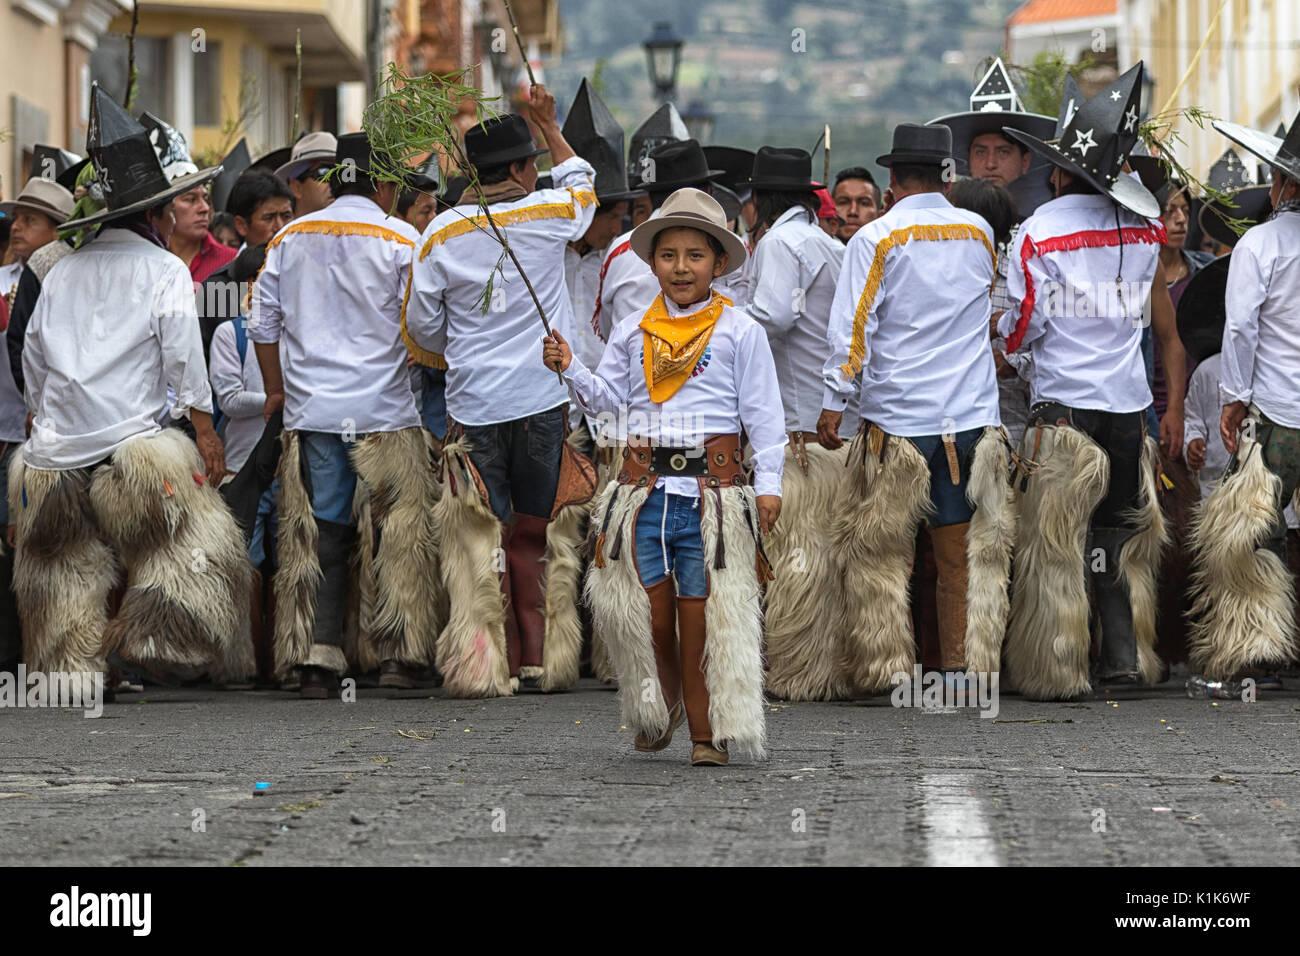 Inti Raymi celebrazione annuale del solstizio d'estate in Cotacachi Ecuador Immagini Stock